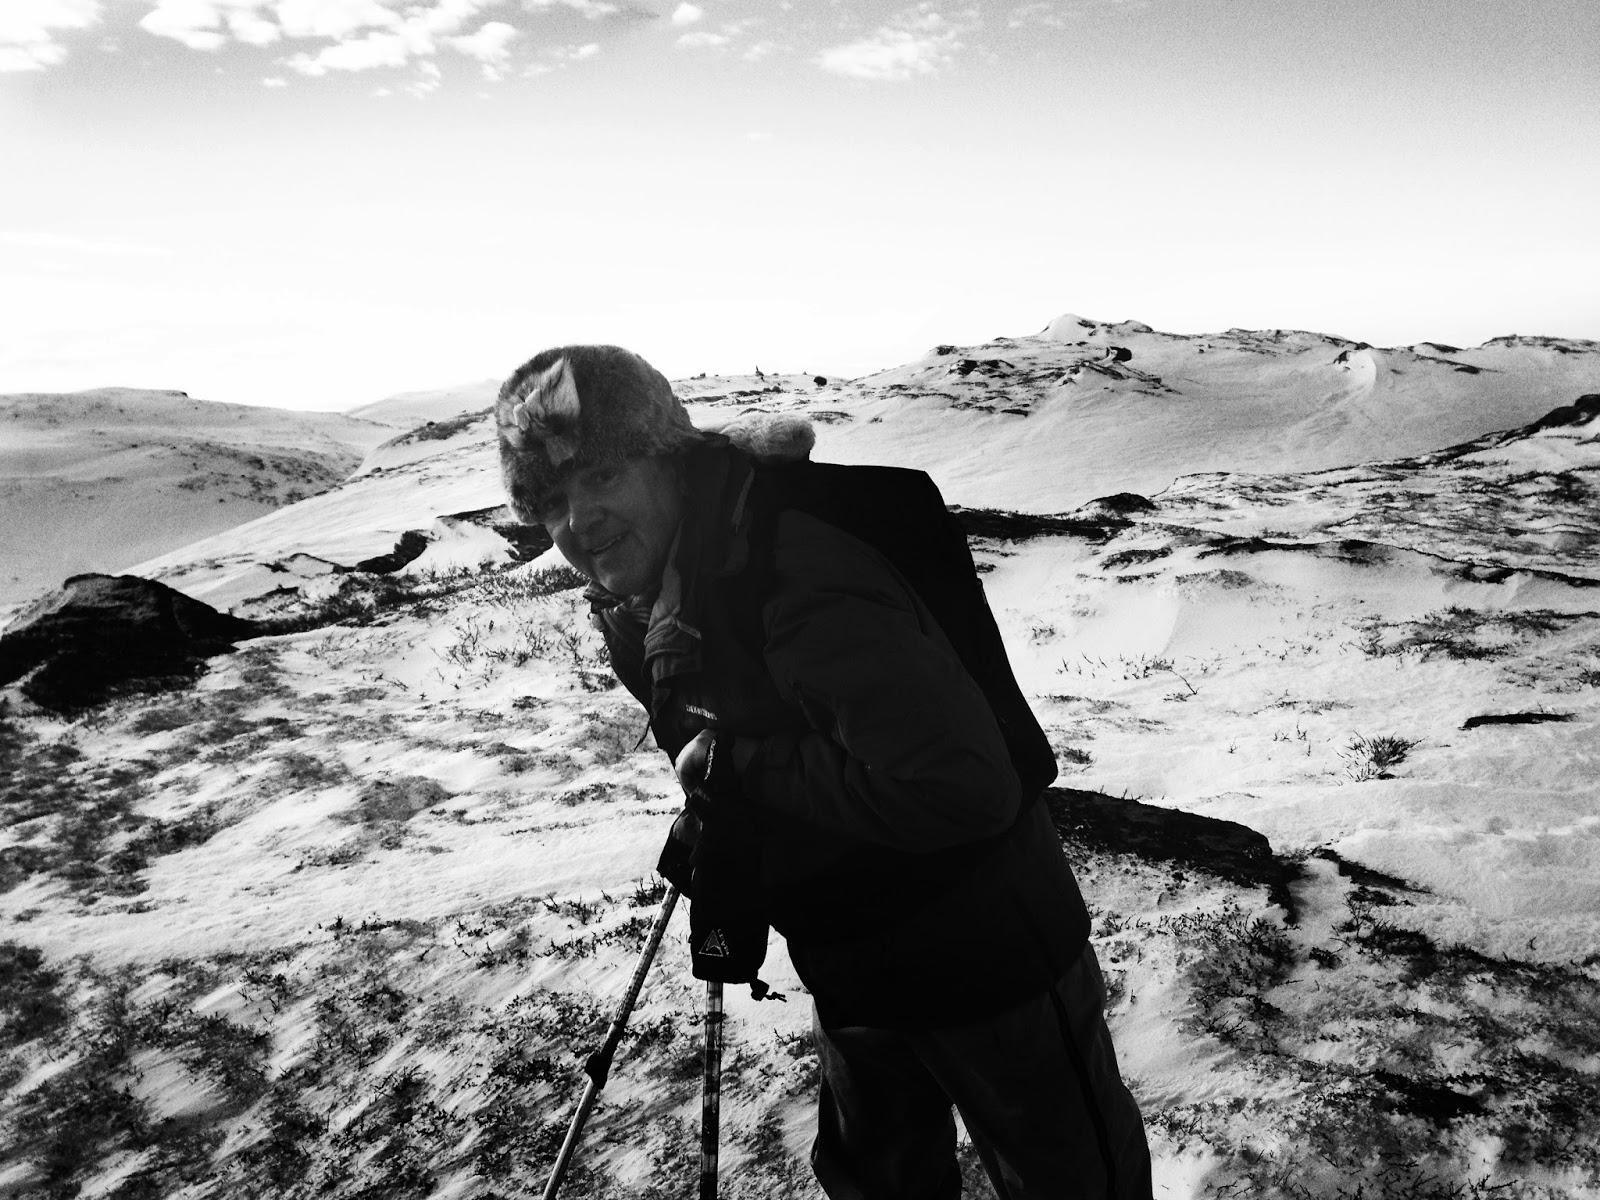 rondonee skinng norway kori back protector backpack skiing sock